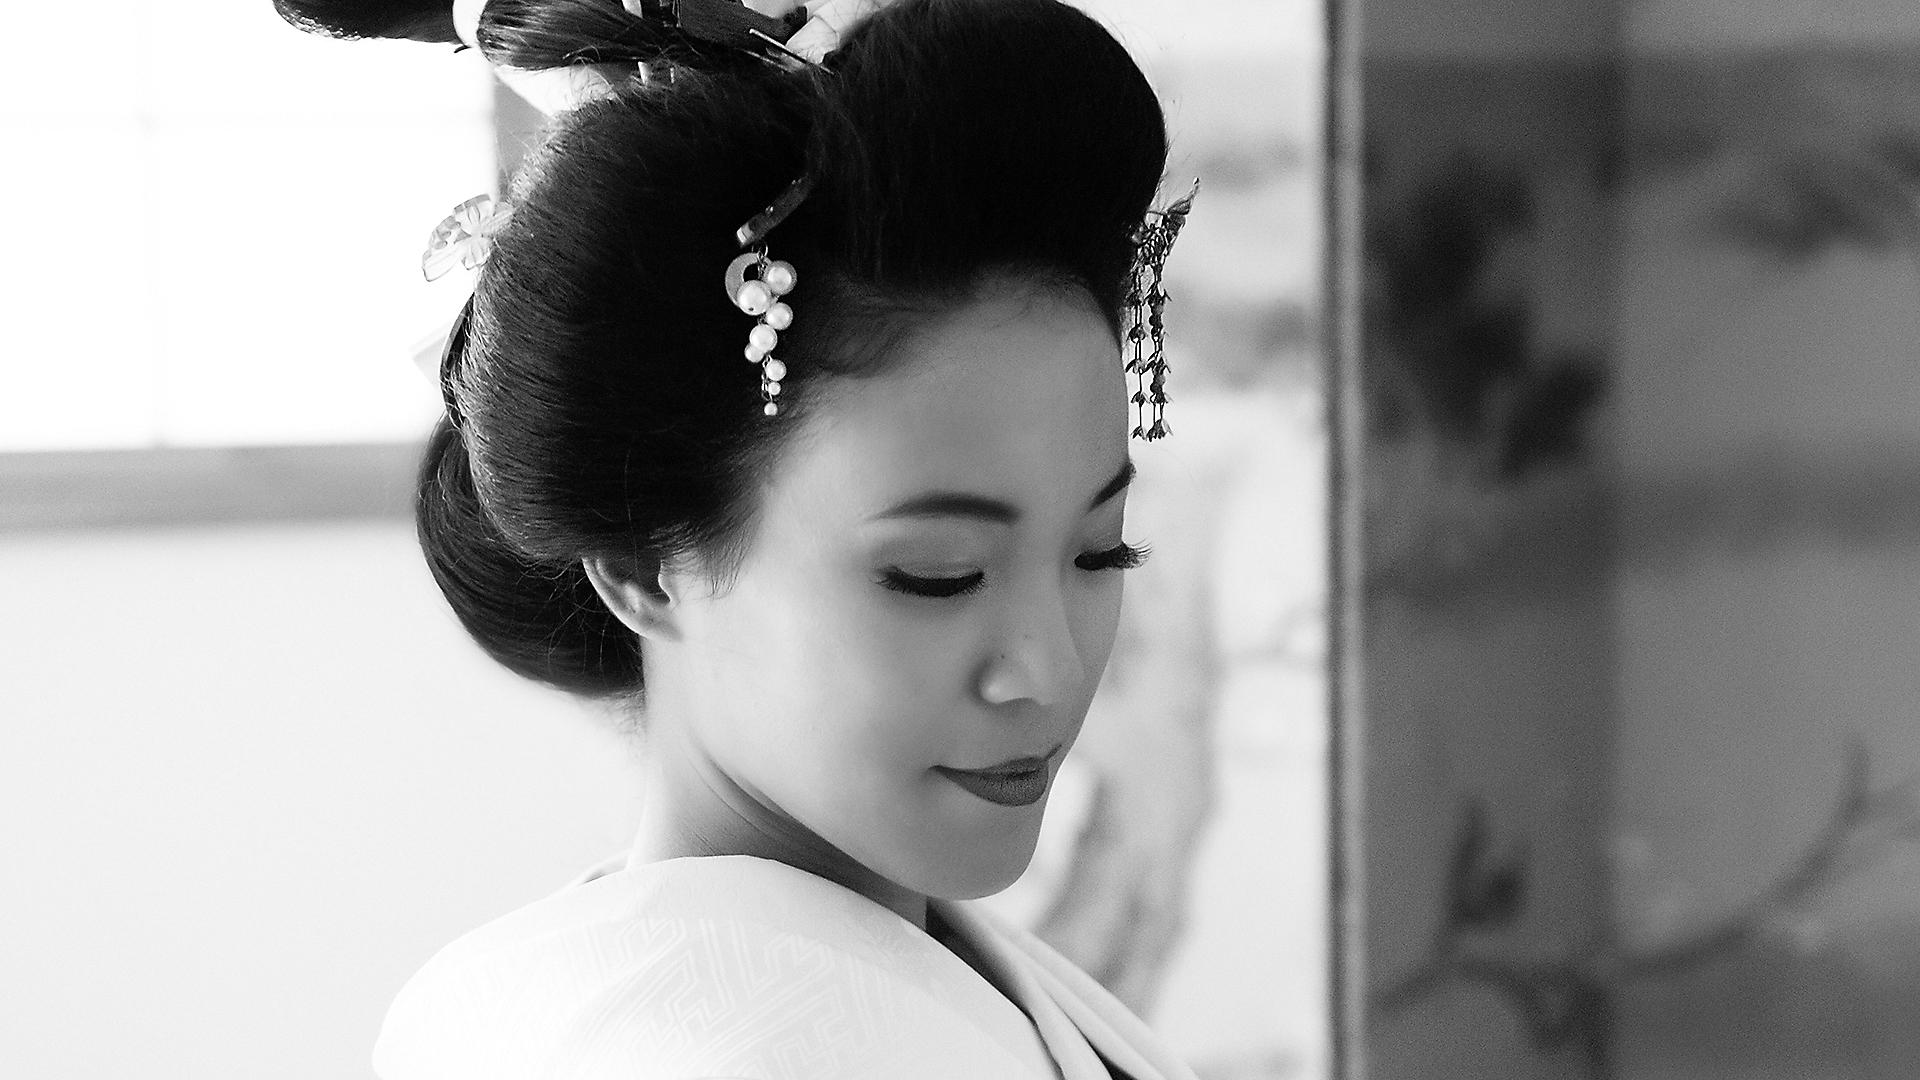 Kimono Wedding, Japanese Style, Japanese Style Wedding, Kimono Rental, Japanese Wedding Photographer, Shiromuku, Tsunokakushi, Location Photographer, Los Angeles Photographer, Kachou Kimono, Japanese Room, Japanese Bride,